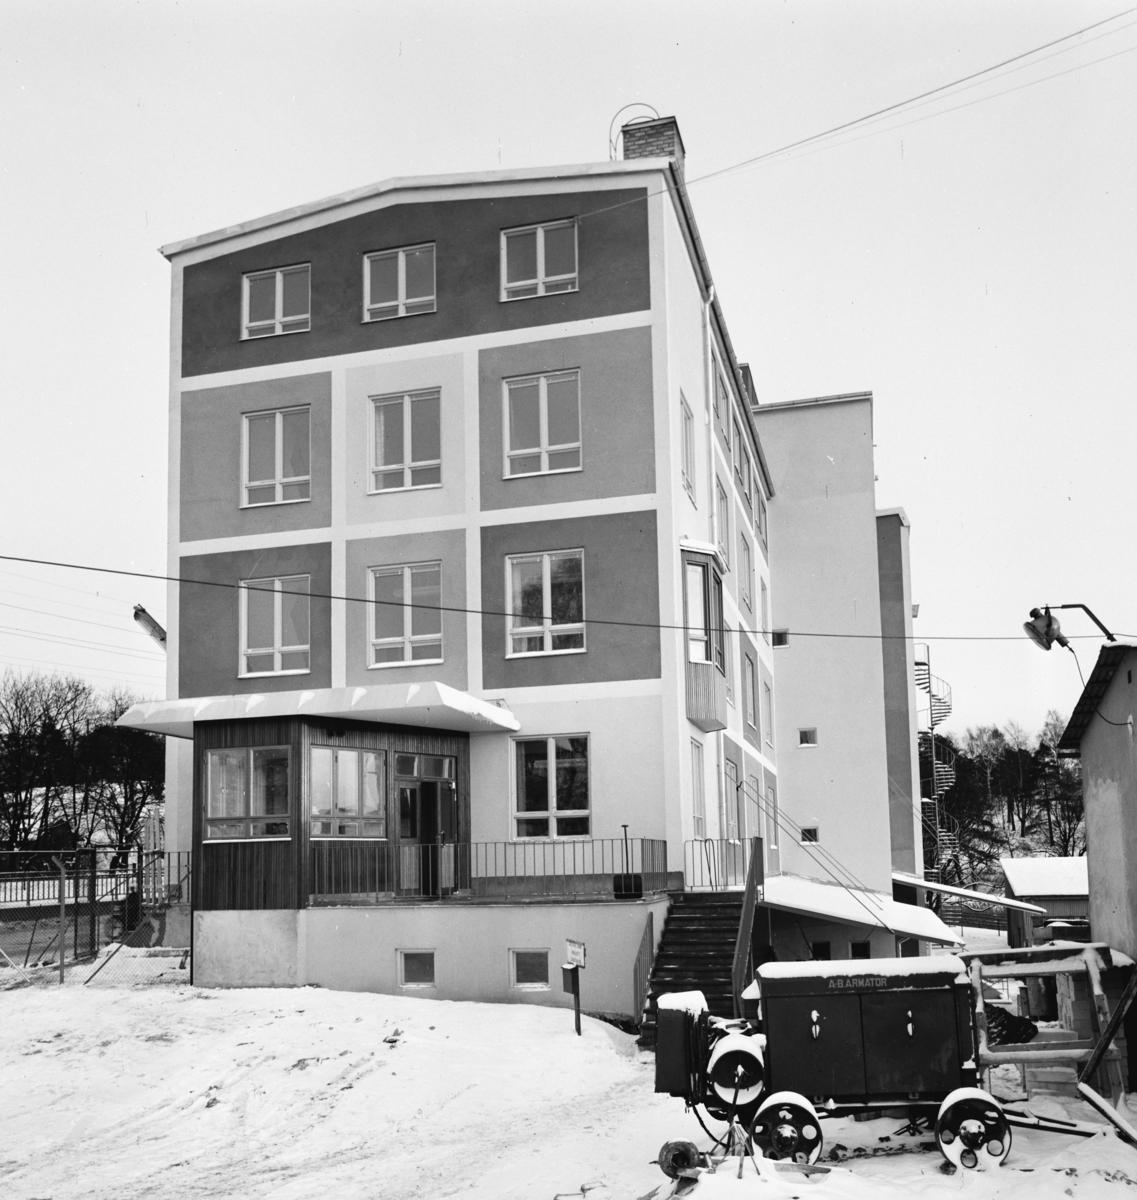 Klint Bernhard färg- och fernissfabrik Exteriör. Vinterbild